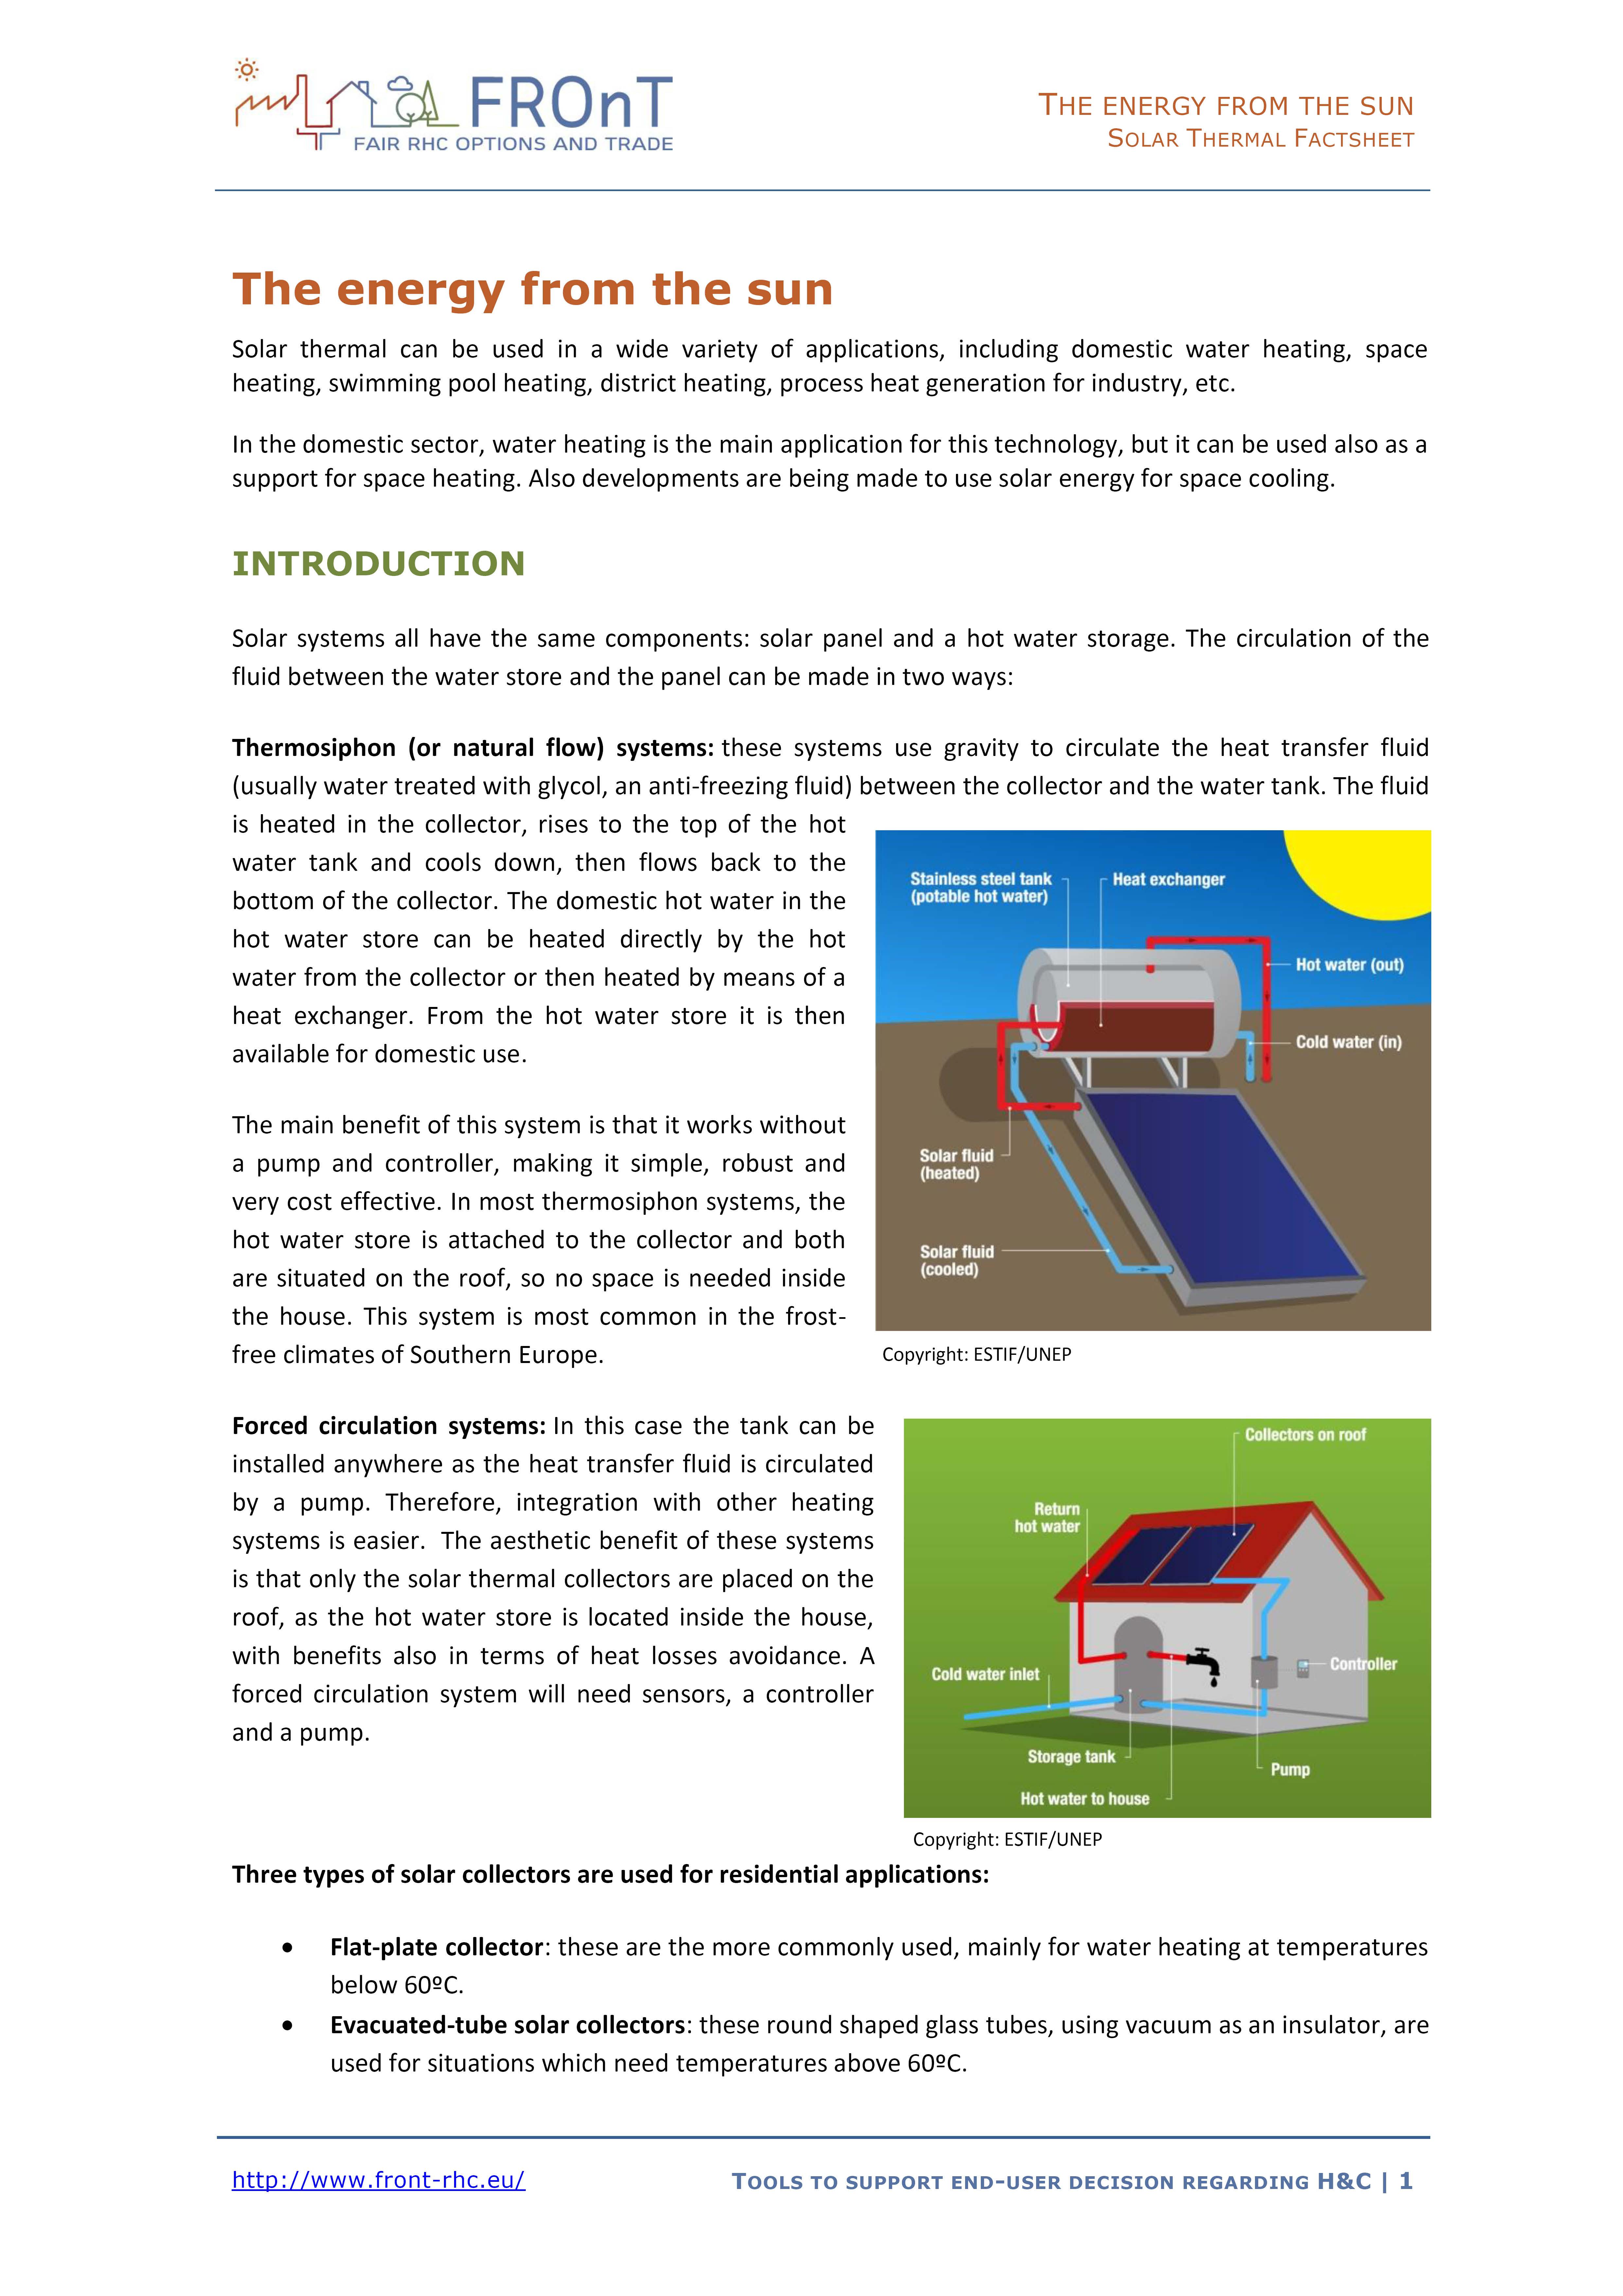 factsheet-image-solarthermal